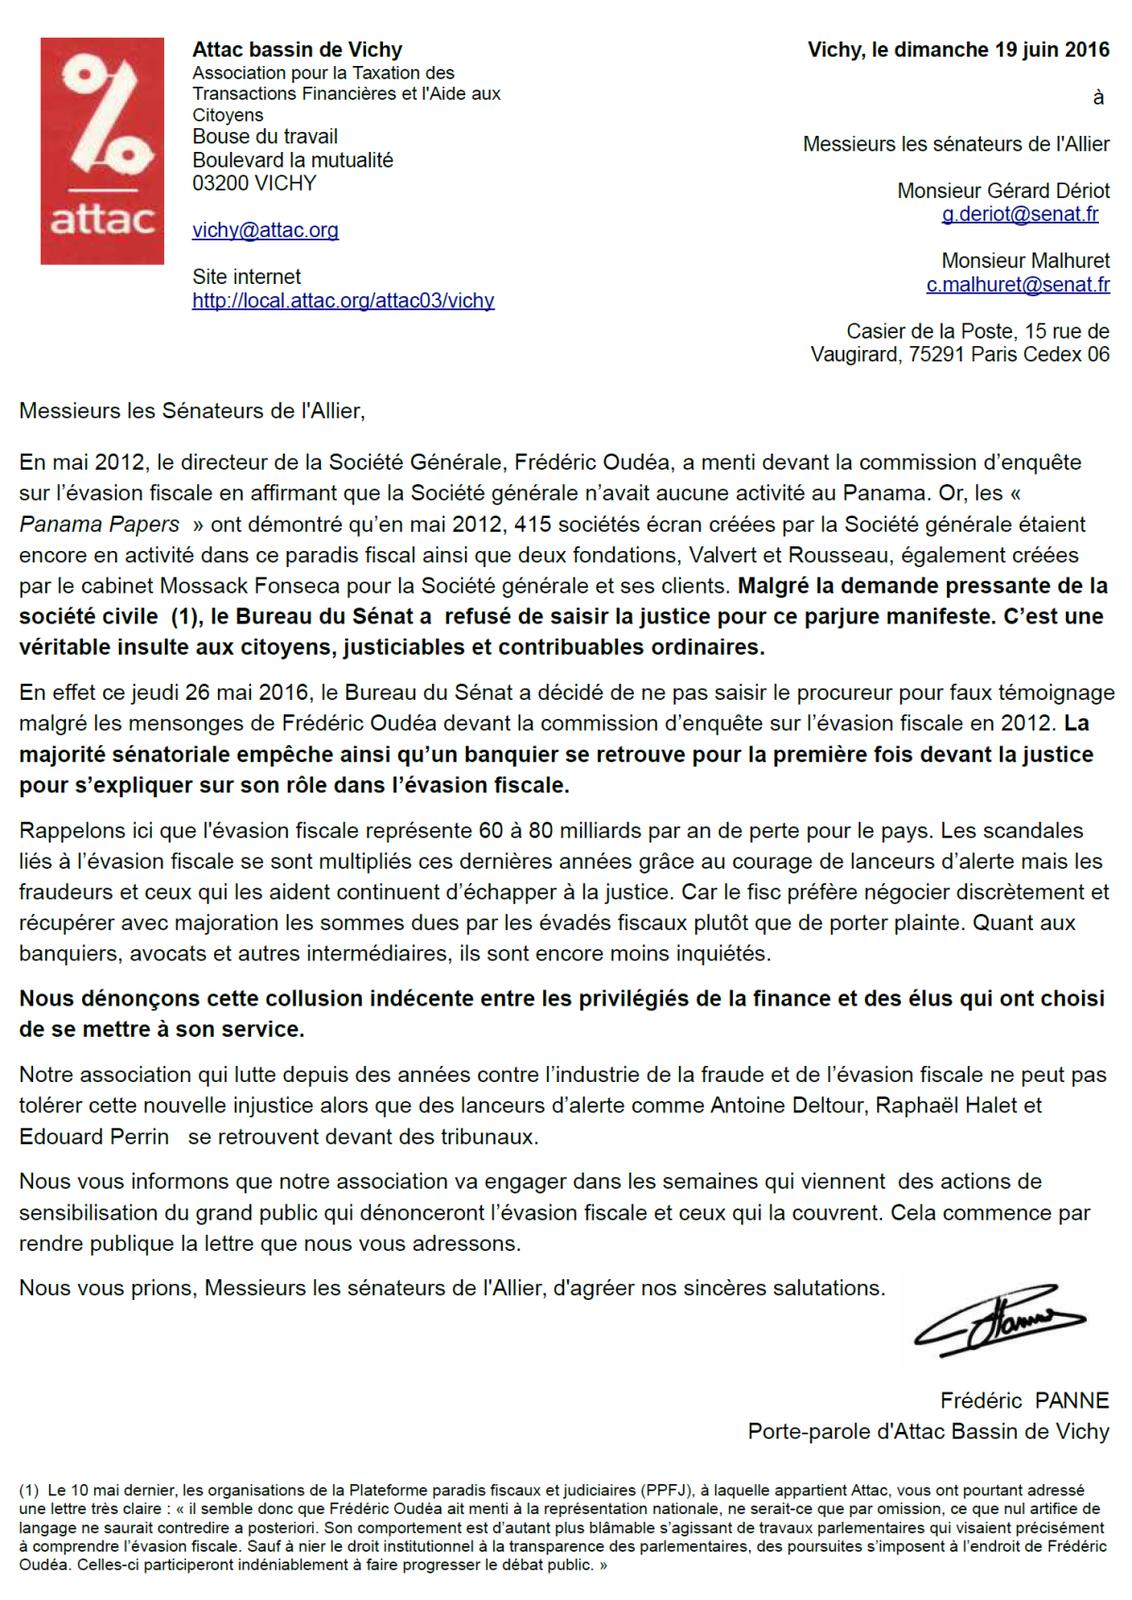 ATTAC Vichy écrit aux sénateurs de l'Allier pour dénoncer l'évasion fiscale